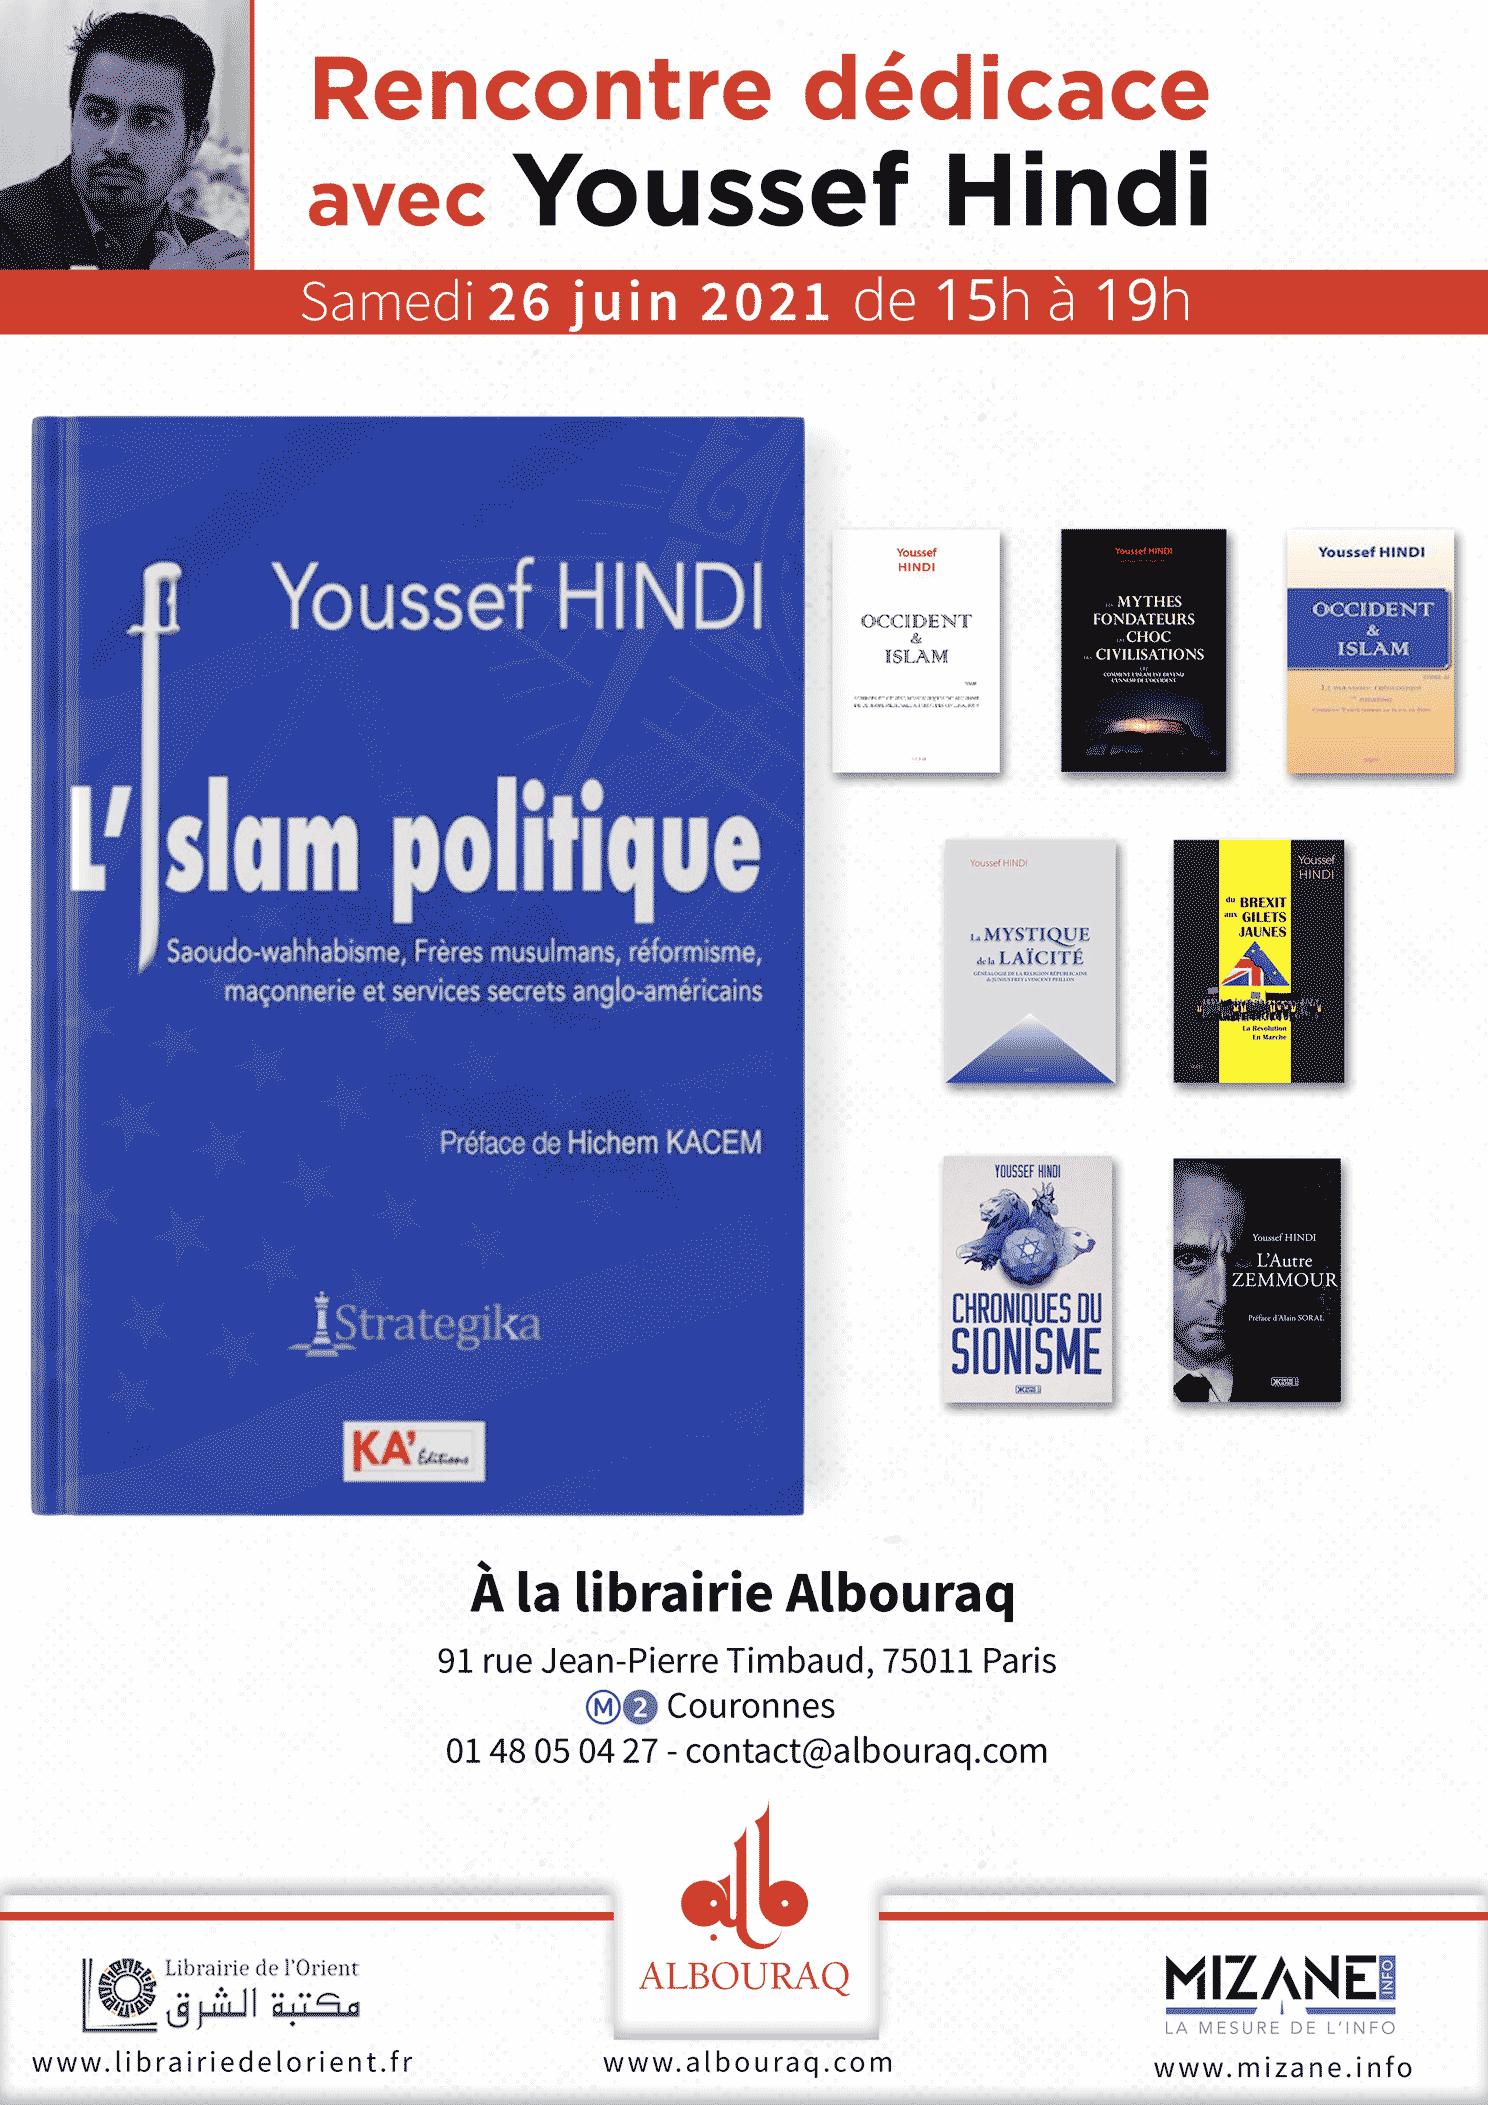 Présentation dédicace de L'islam politique de Youssef Hindi